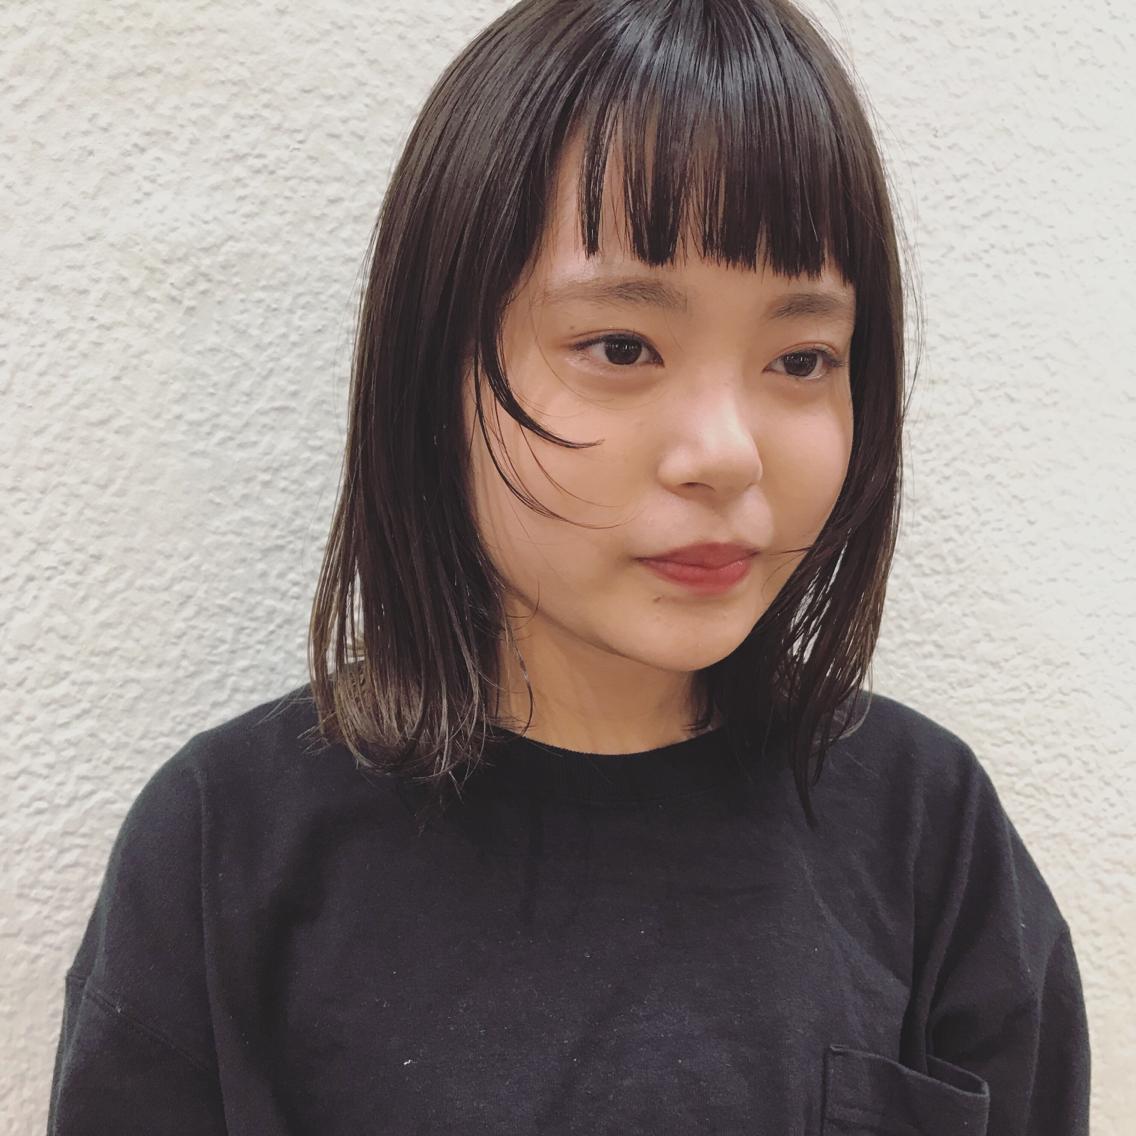 #ミディアム 顔まわりに短い毛を作ると一気に雰囲気がでます ❤︎